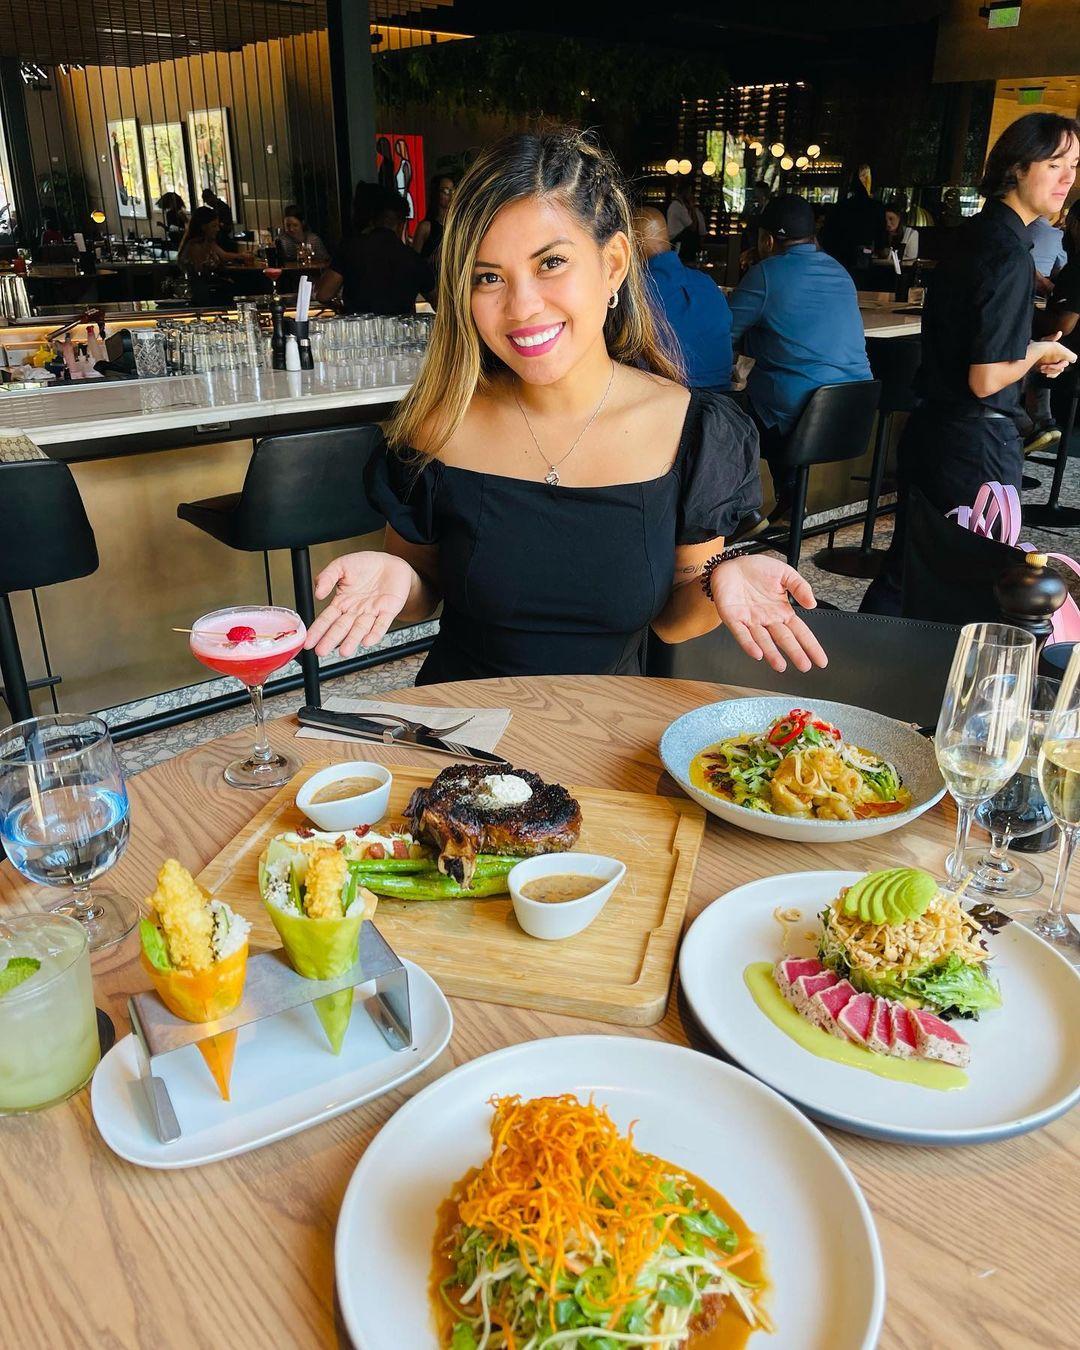 Best 14 RBest 14 Restaurants I've Visited in Houston, Texasestaurants I've Visited in Houston, Texas1